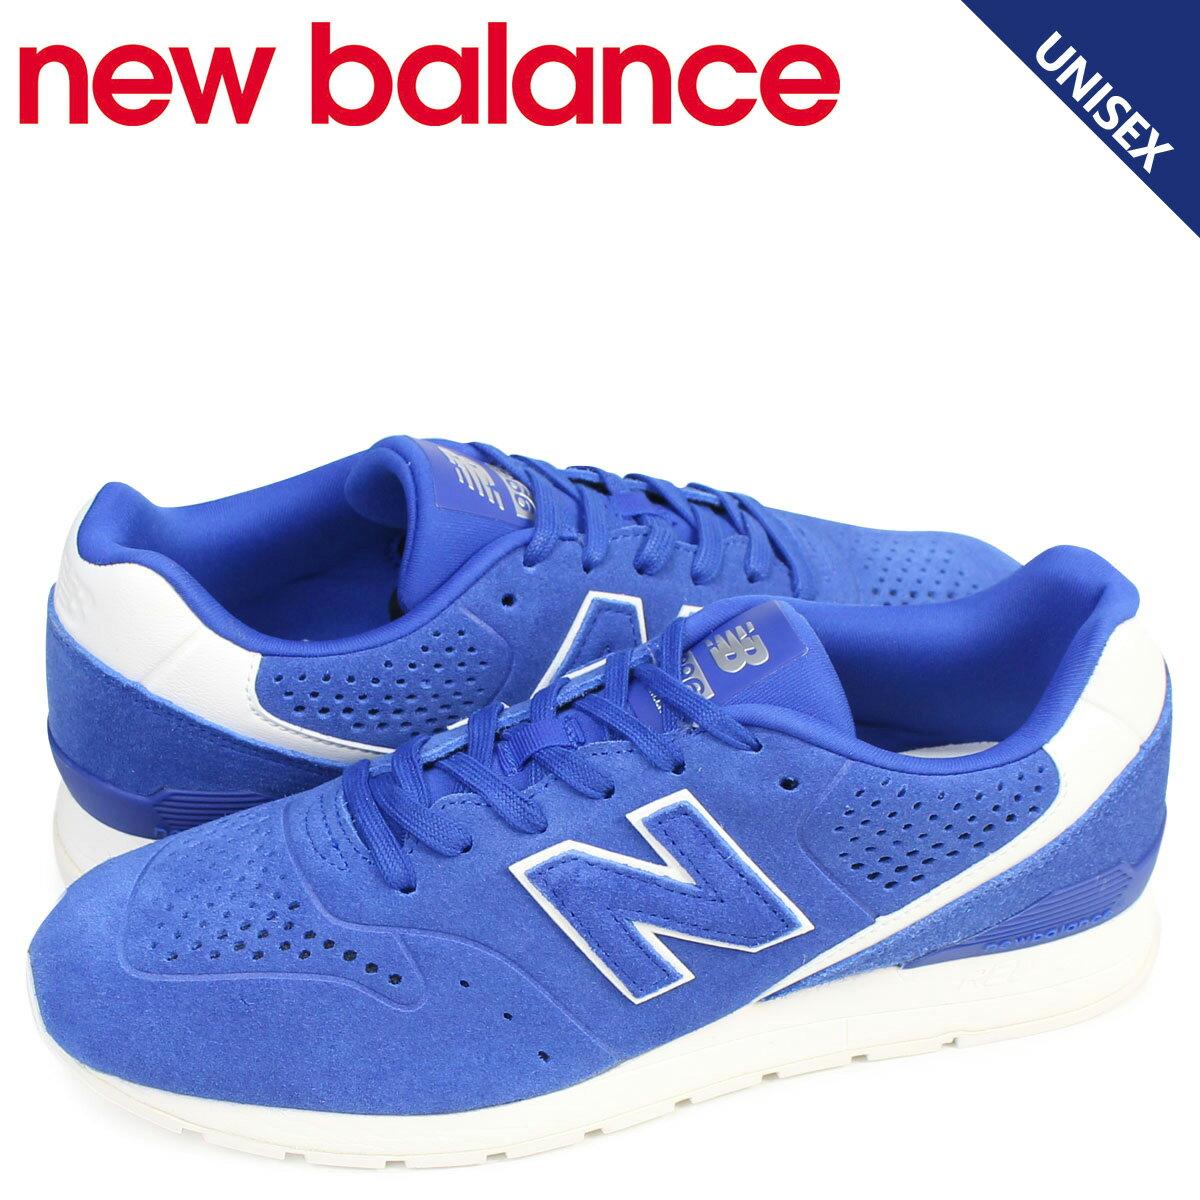 new balance 996 メンズ レディース ニューバランス スニーカー MRL996D6 Dワイズ 靴 ブルー